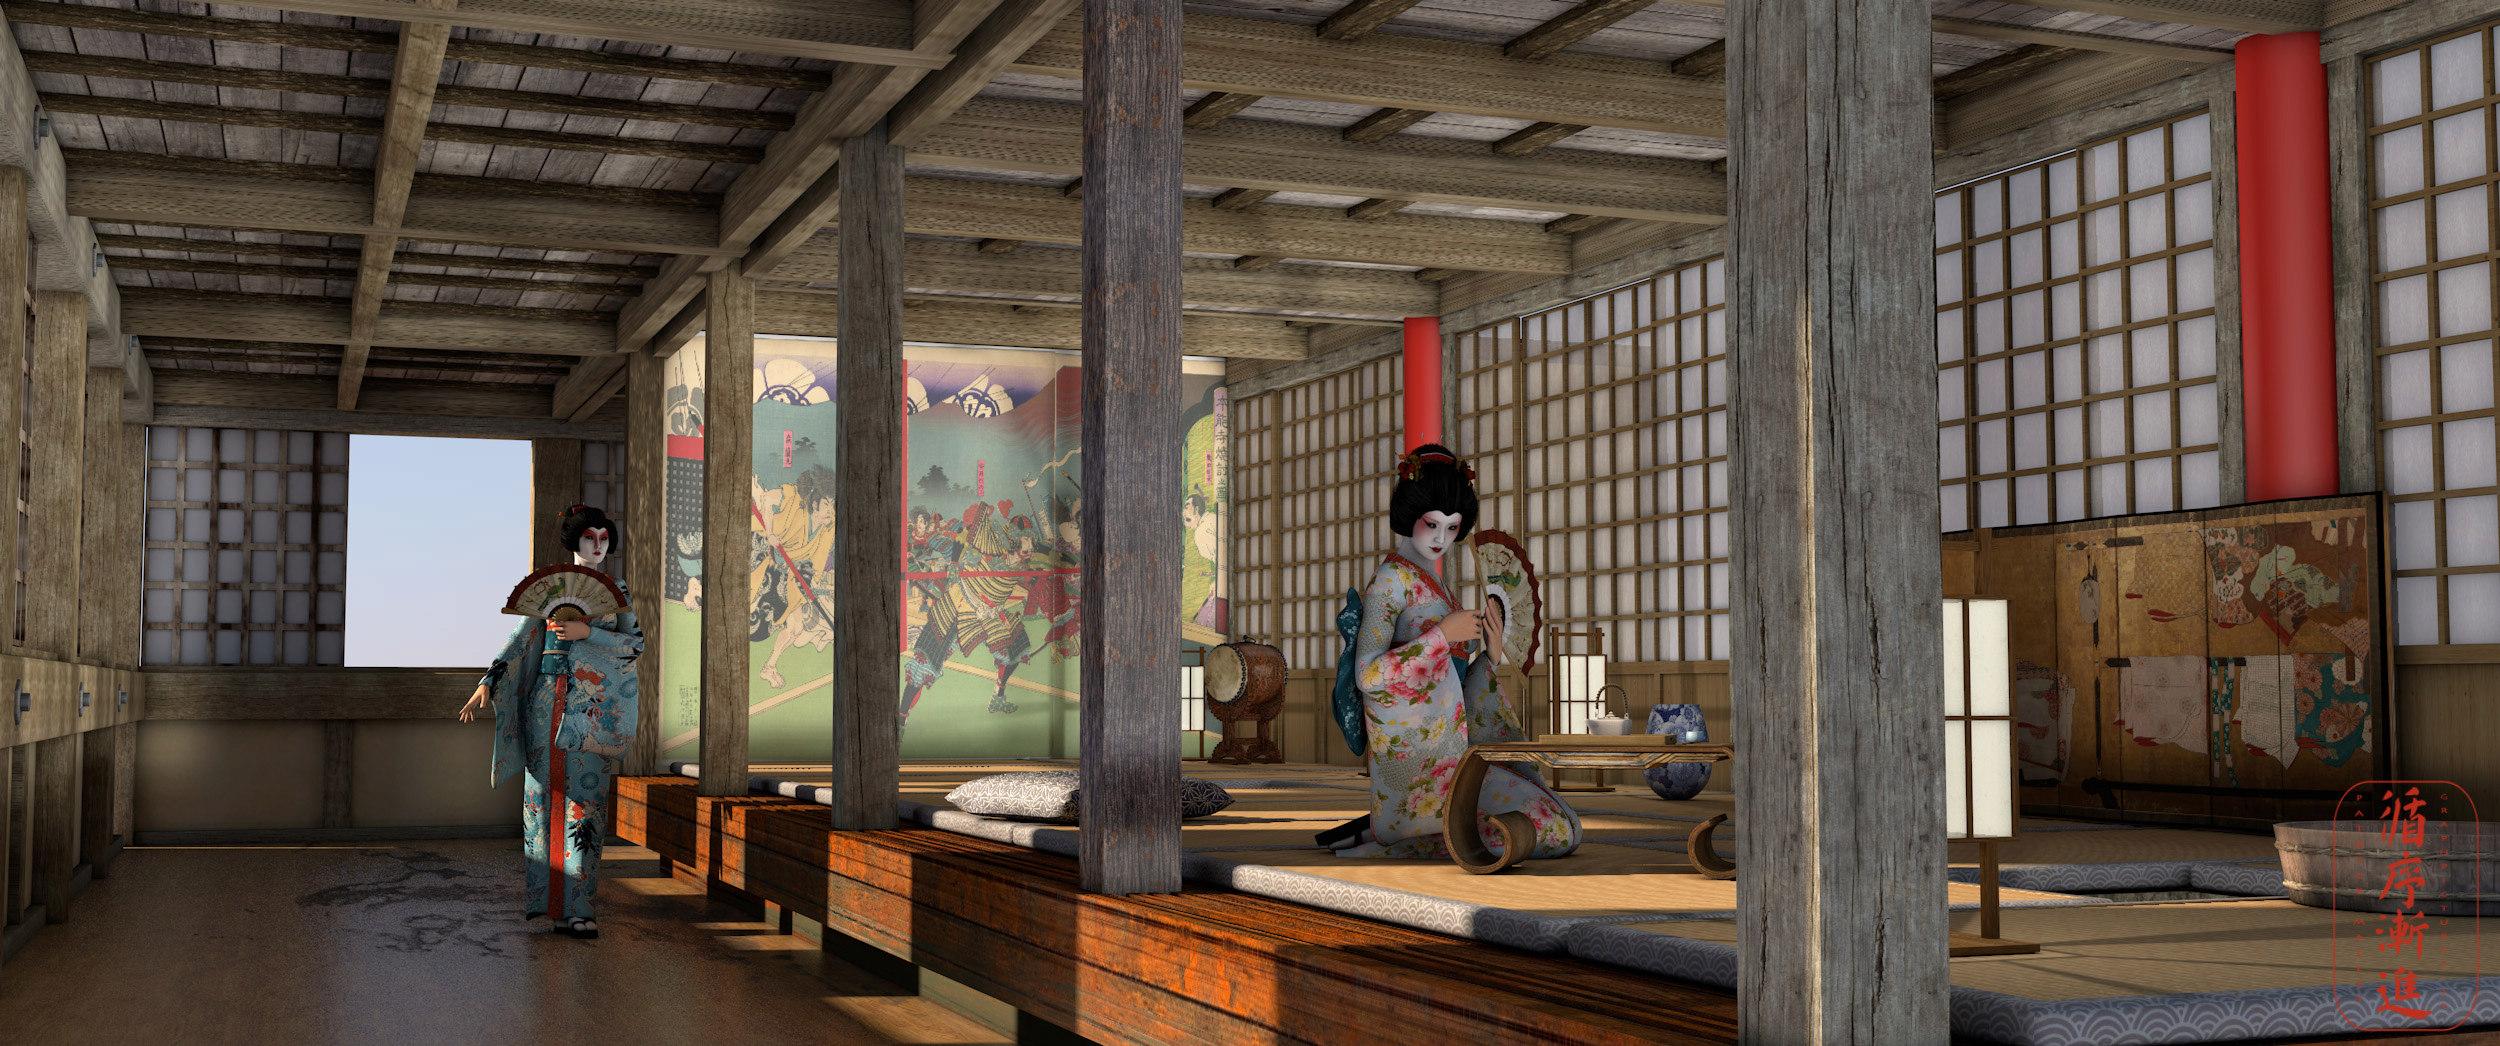 ma vision du  japon - Page 2 Porte_11